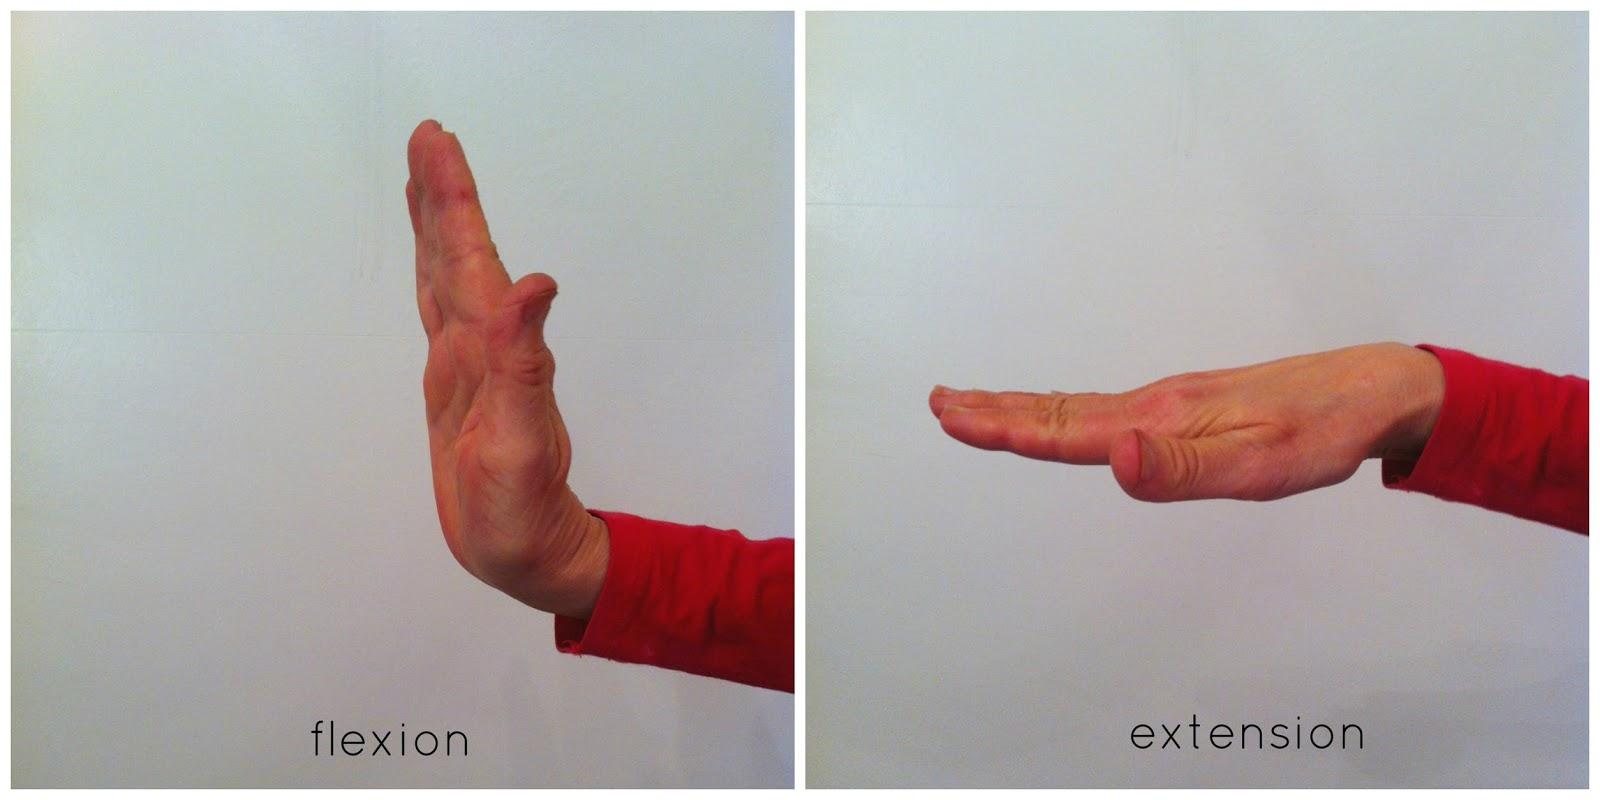 Flexiladies Yoga: Yoga anatomy bites- flexion and extension